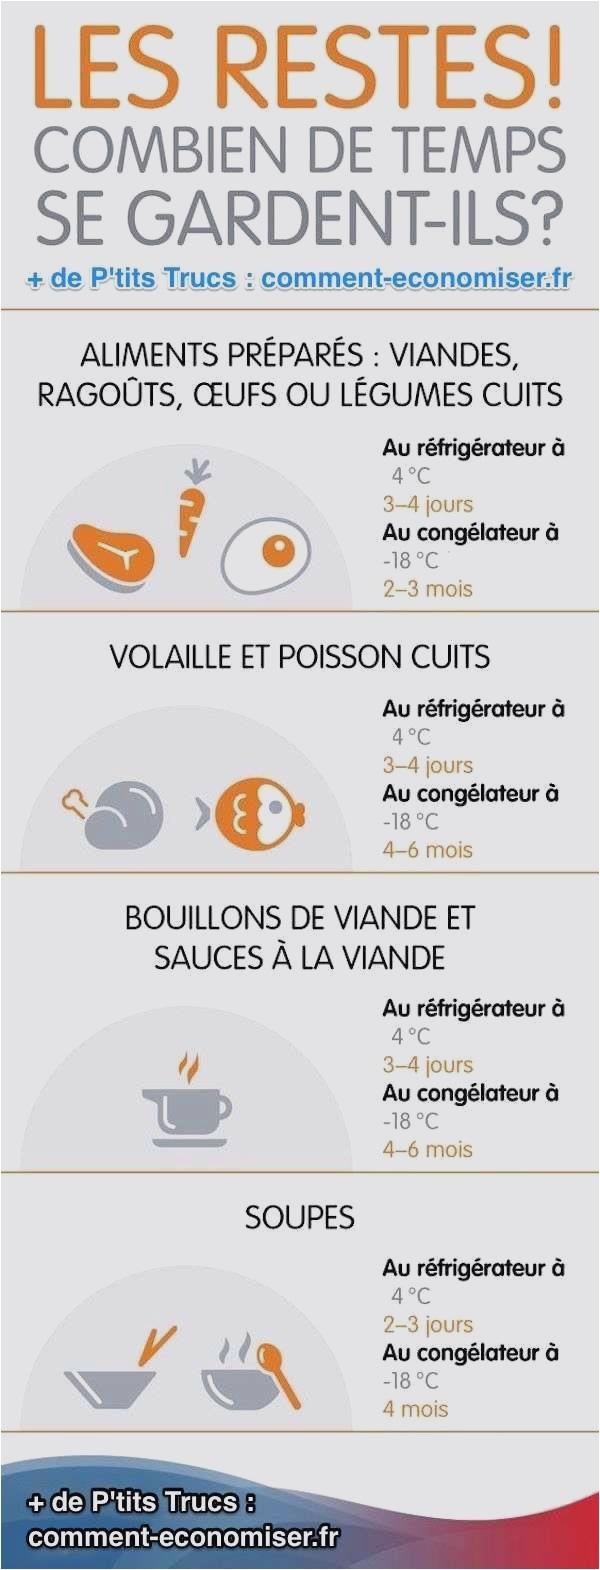 Moucherons Cuisine solution Inspirant Image Moucheron Dans La Cuisine Unique Fasciné Moucheron Cuisine solution